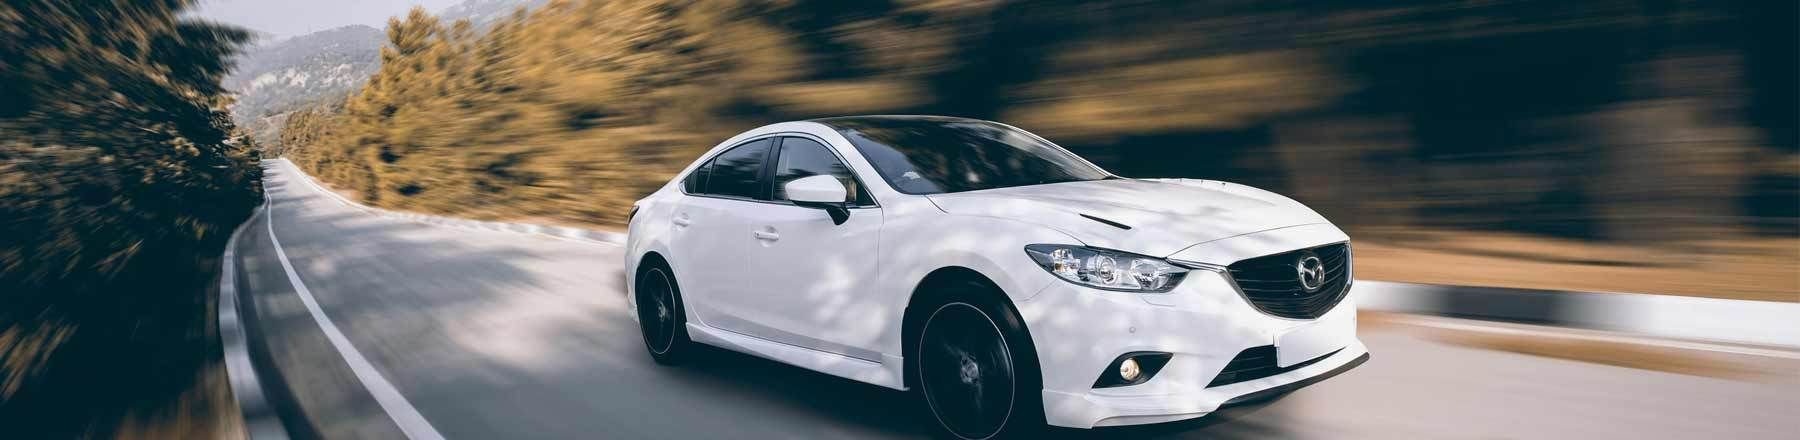 Mazda Car Lease Vs. Buy